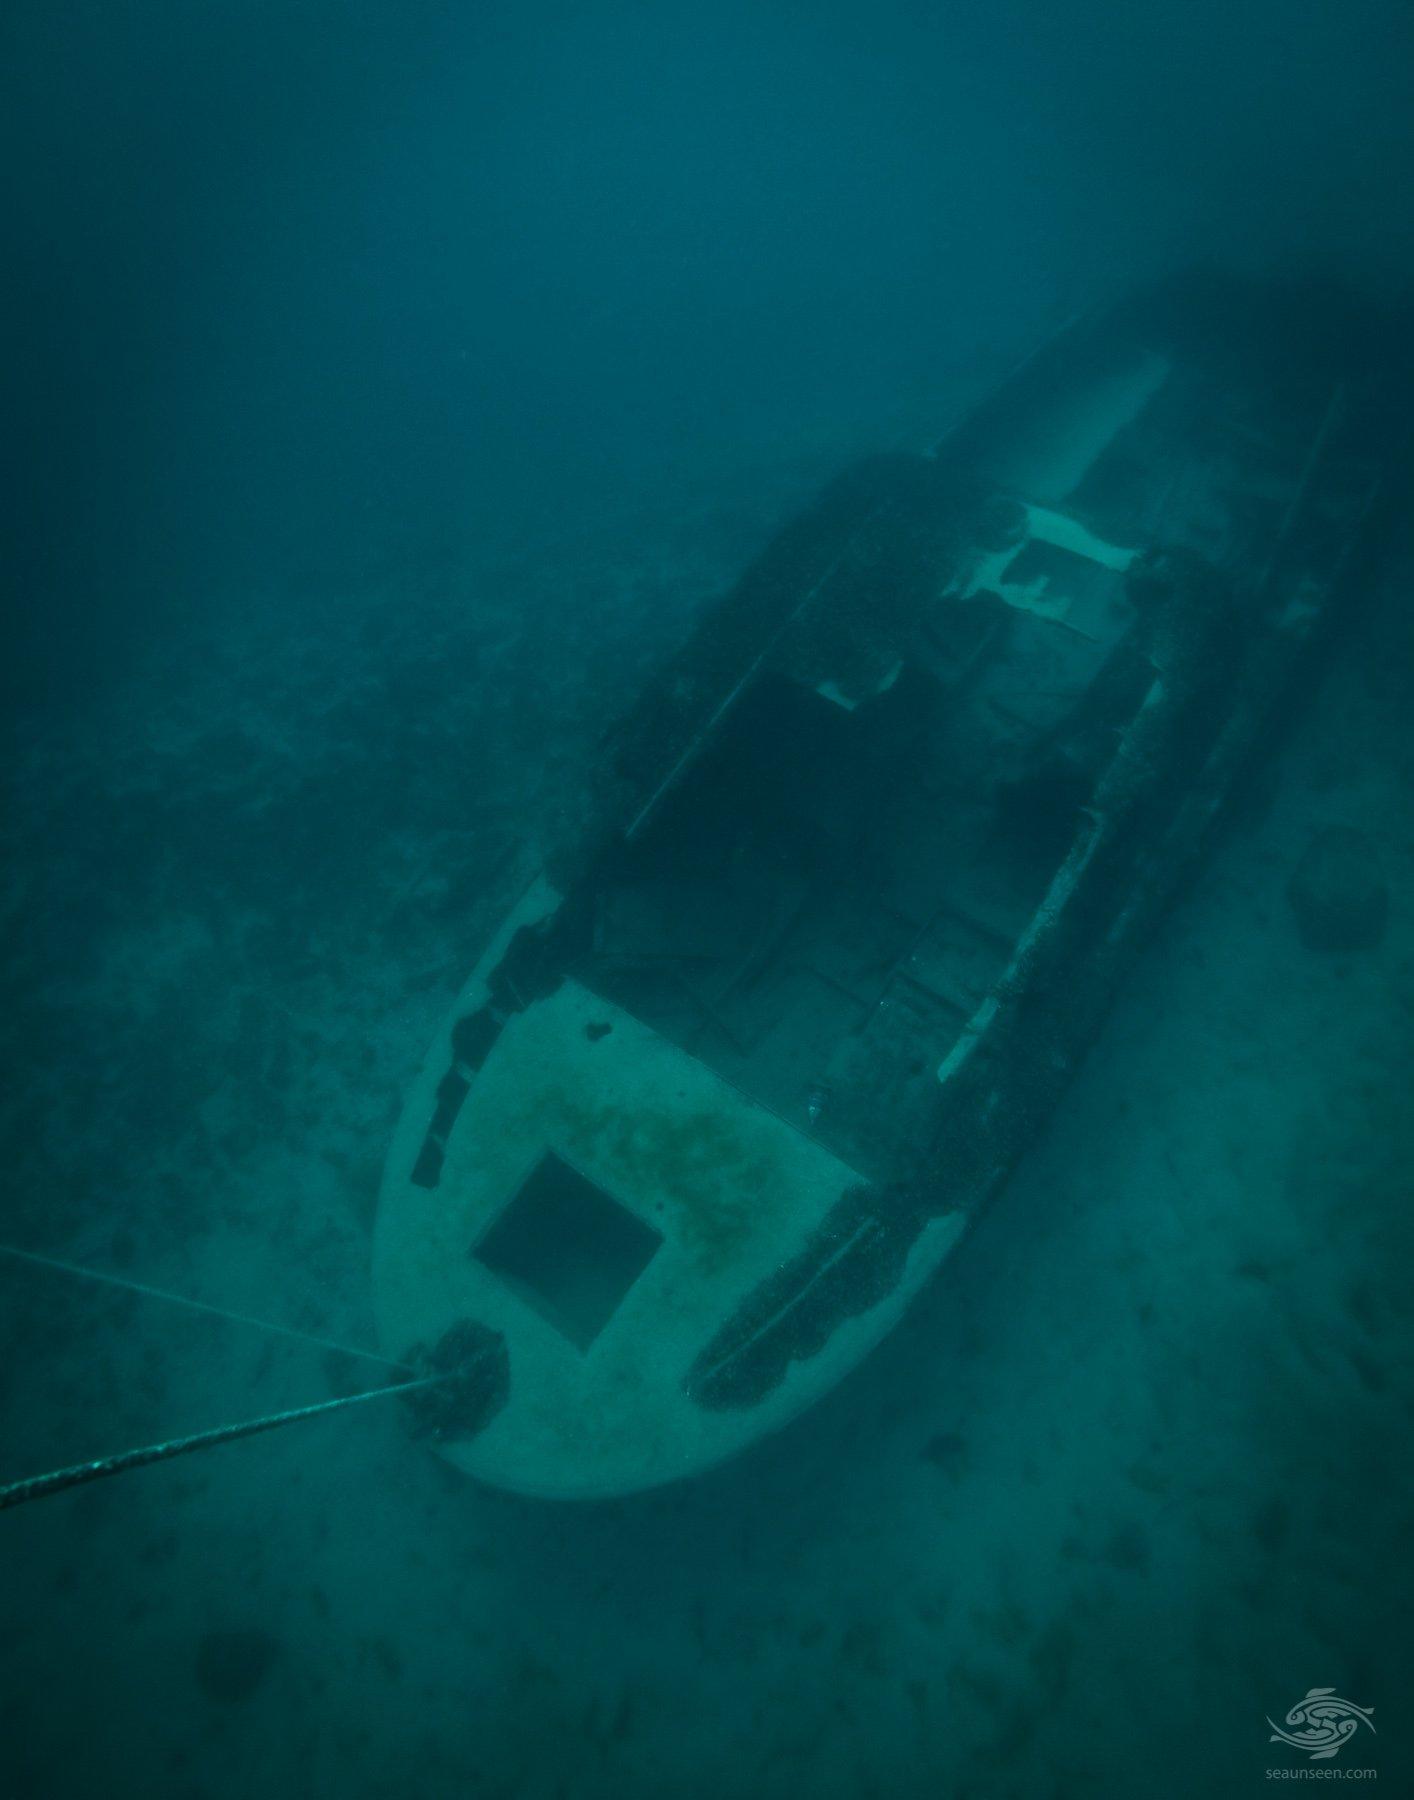 Submerged Cruiser - Seaunseen